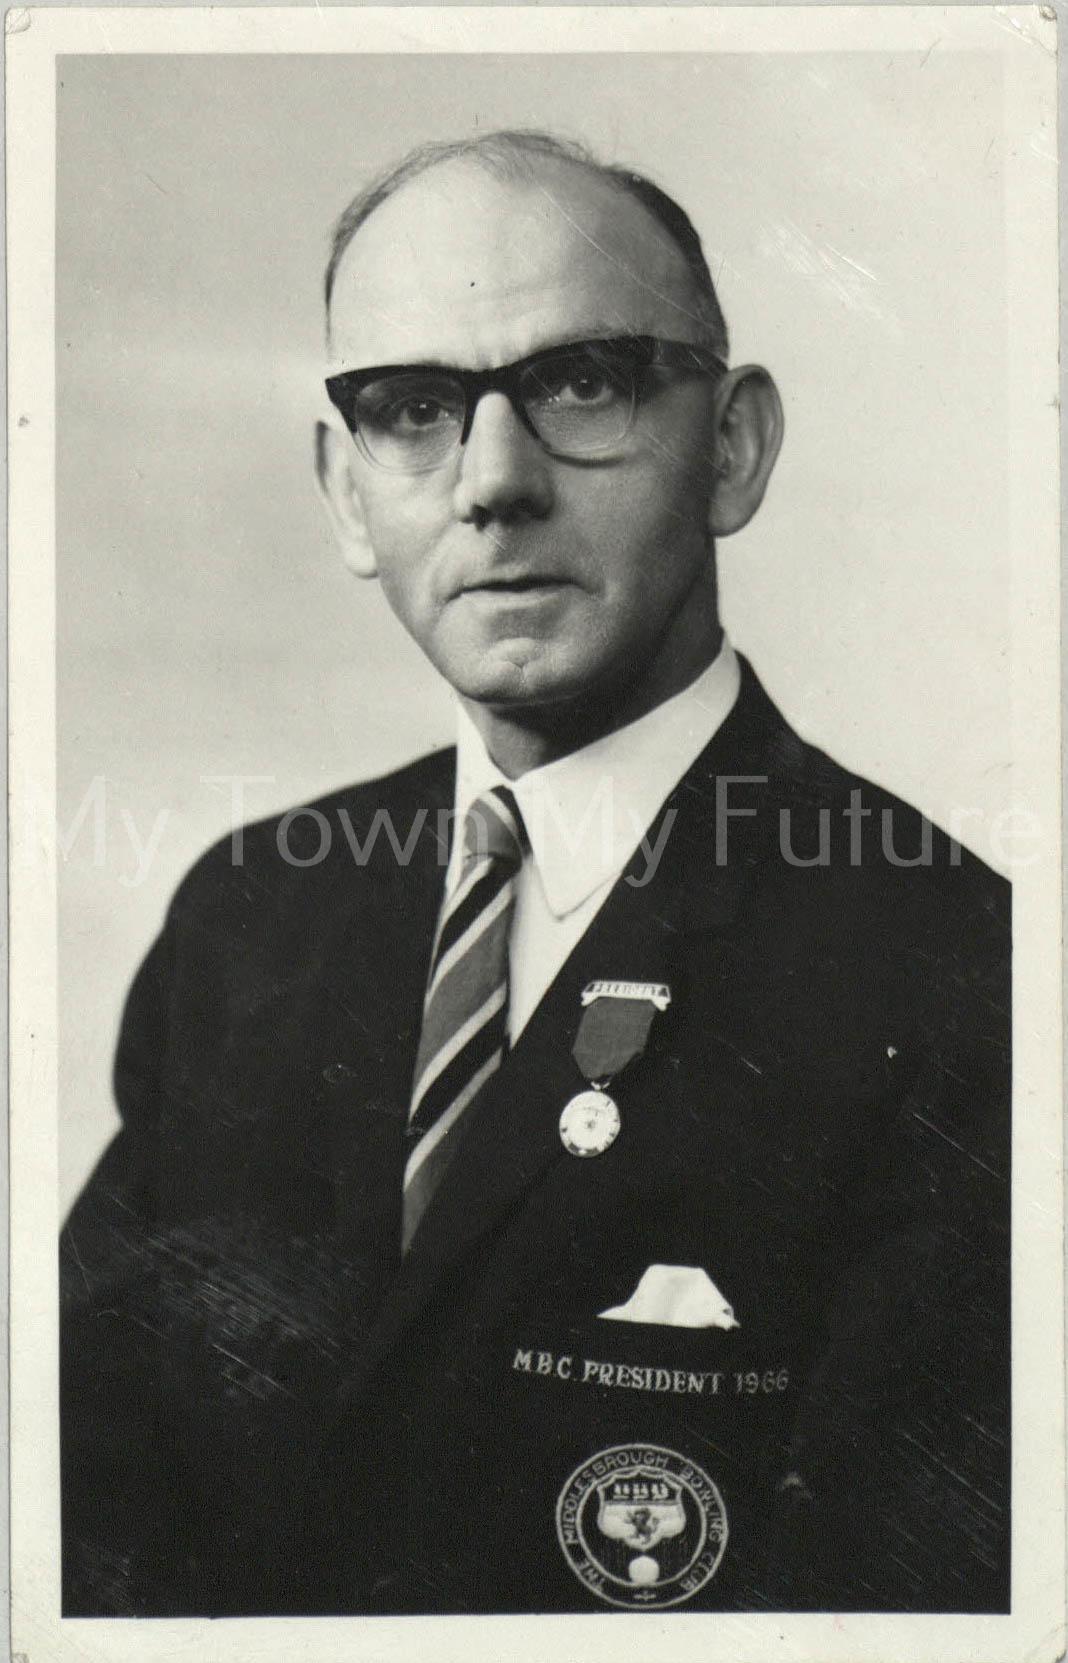 Mr R Forrest